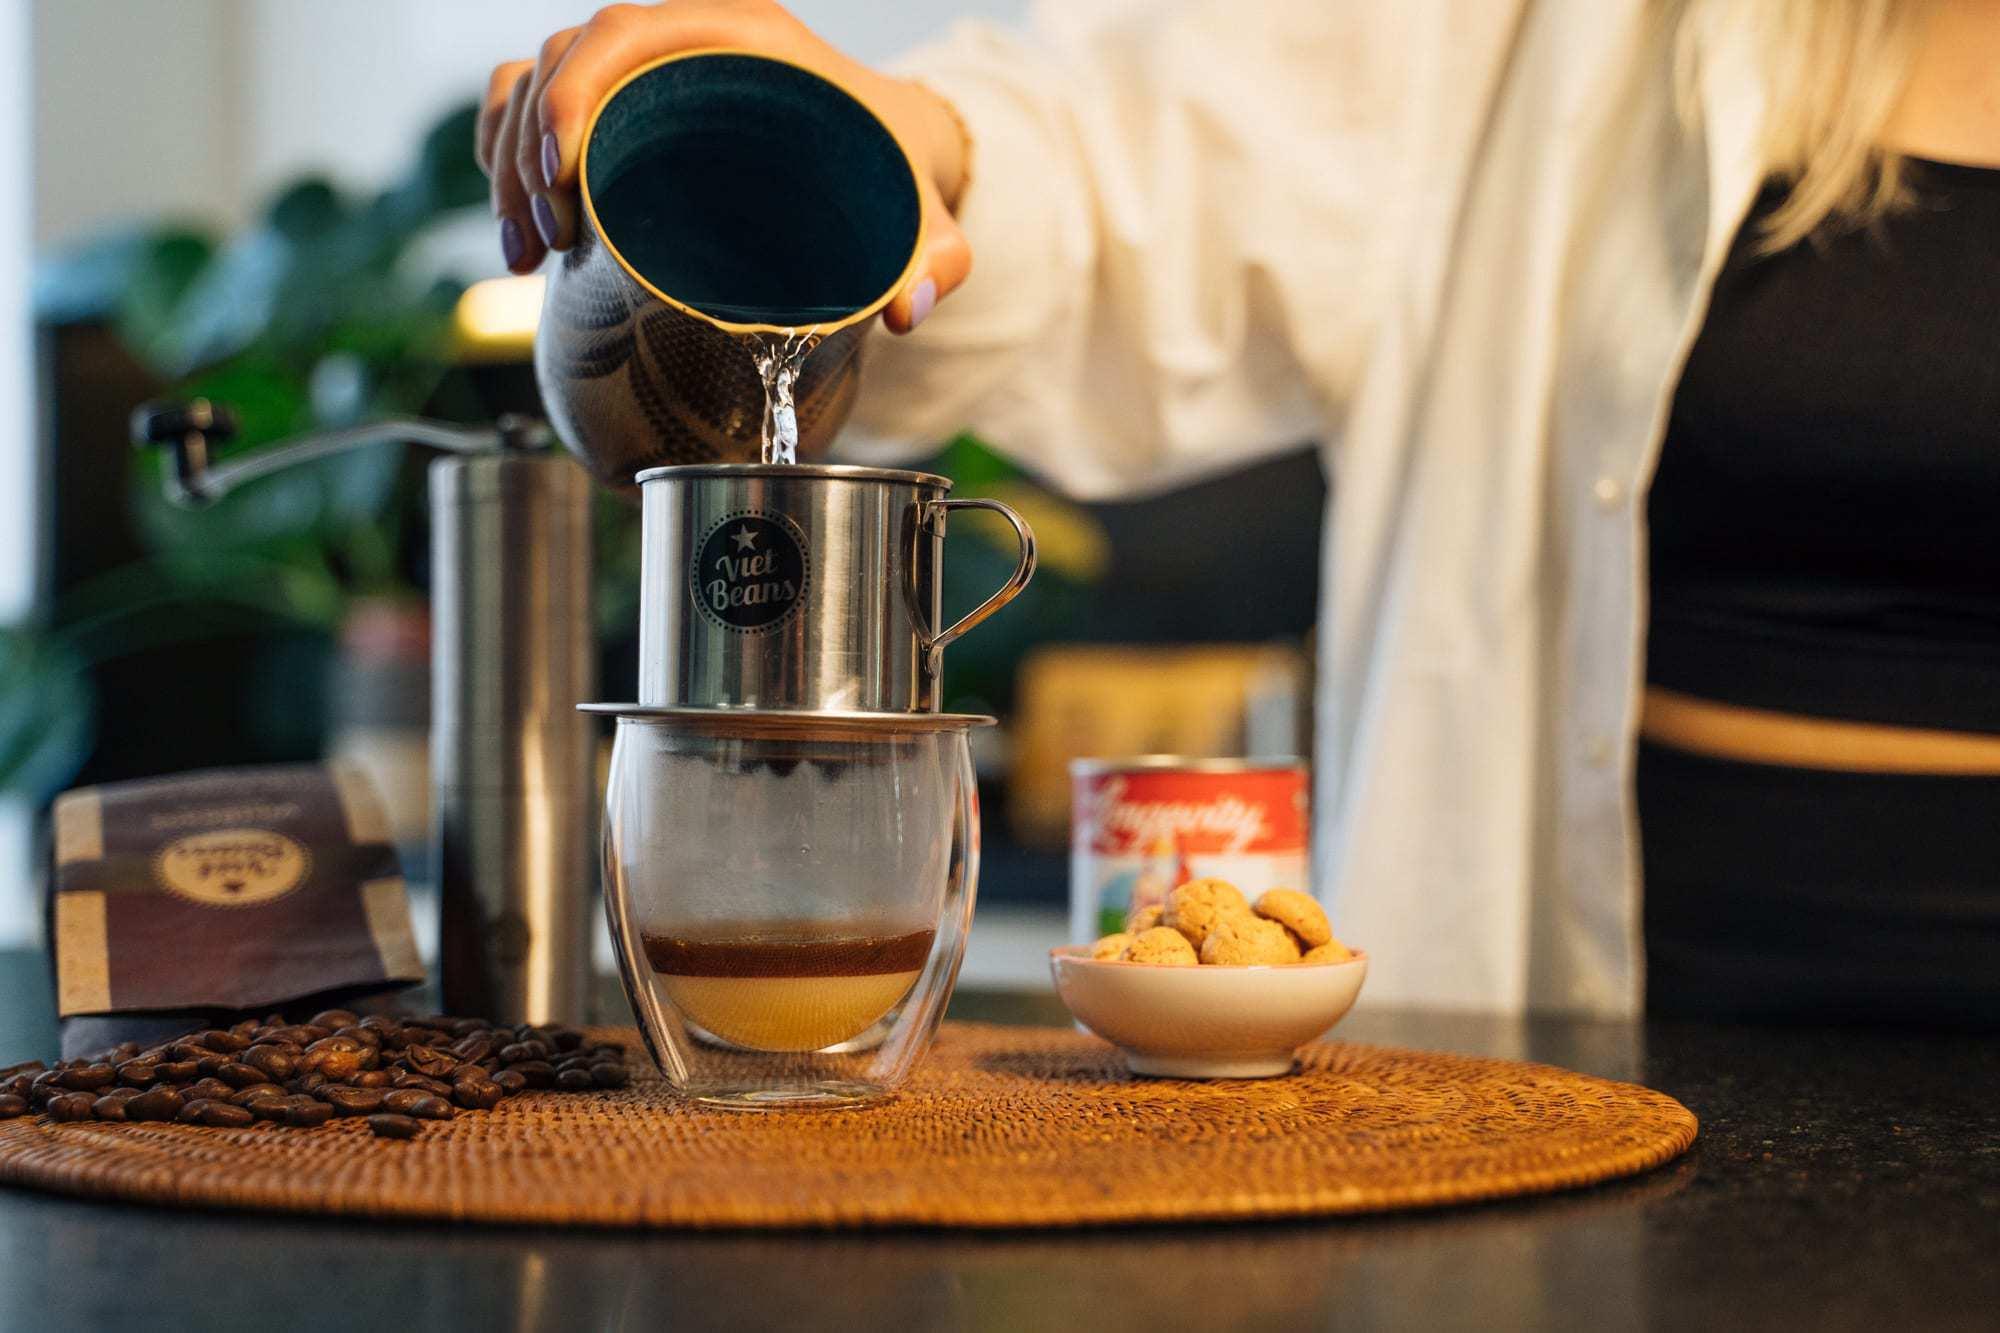 Vietnamesischer Kaffee Zubereitung Schritt 4